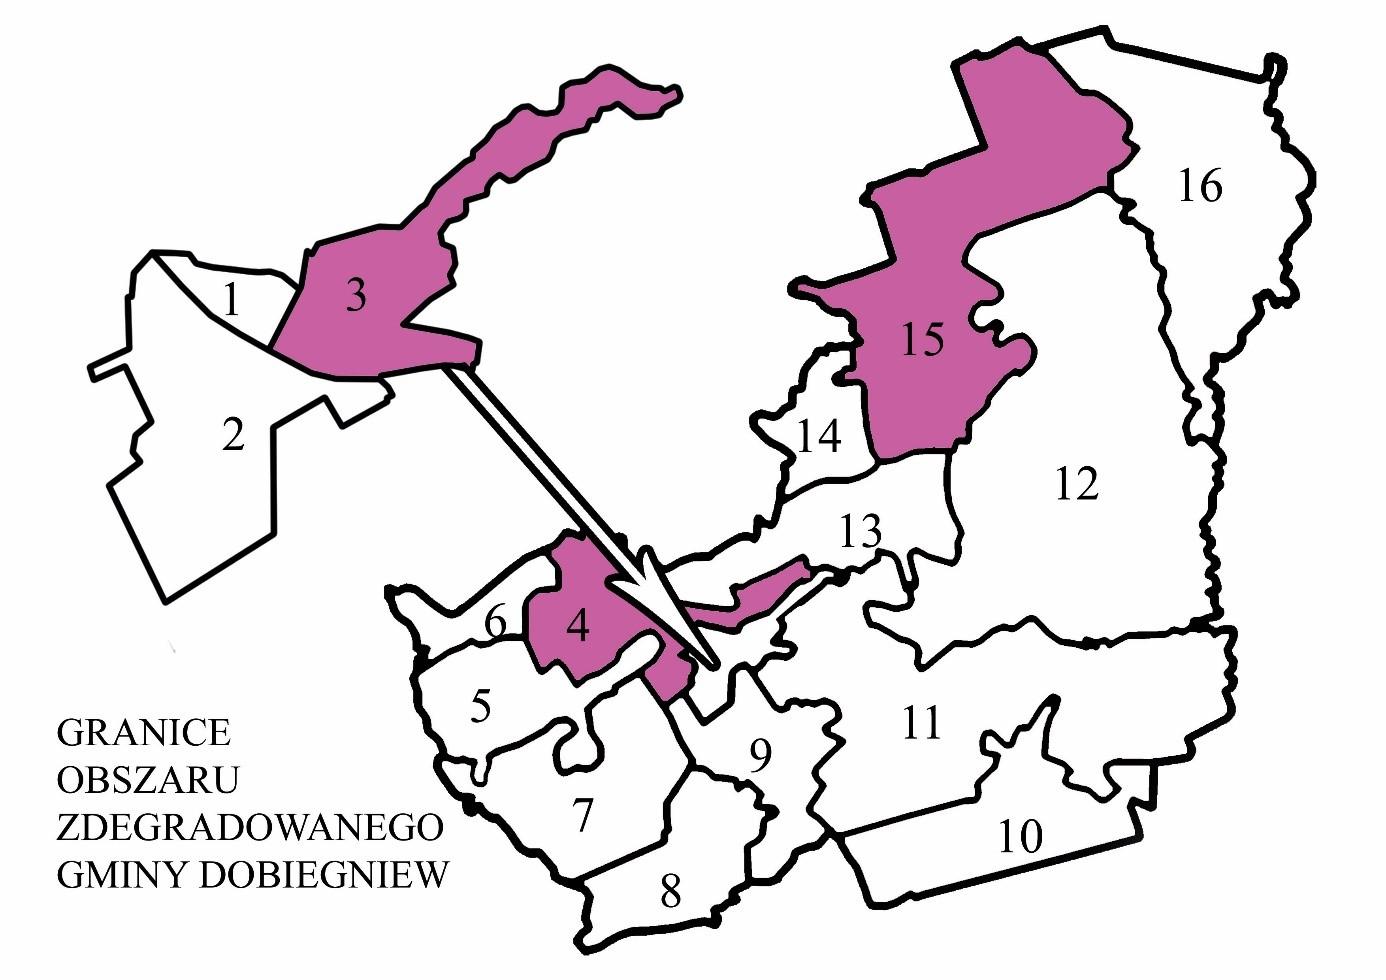 Granice obszaru zdegradowanego gminy Dobiegniew